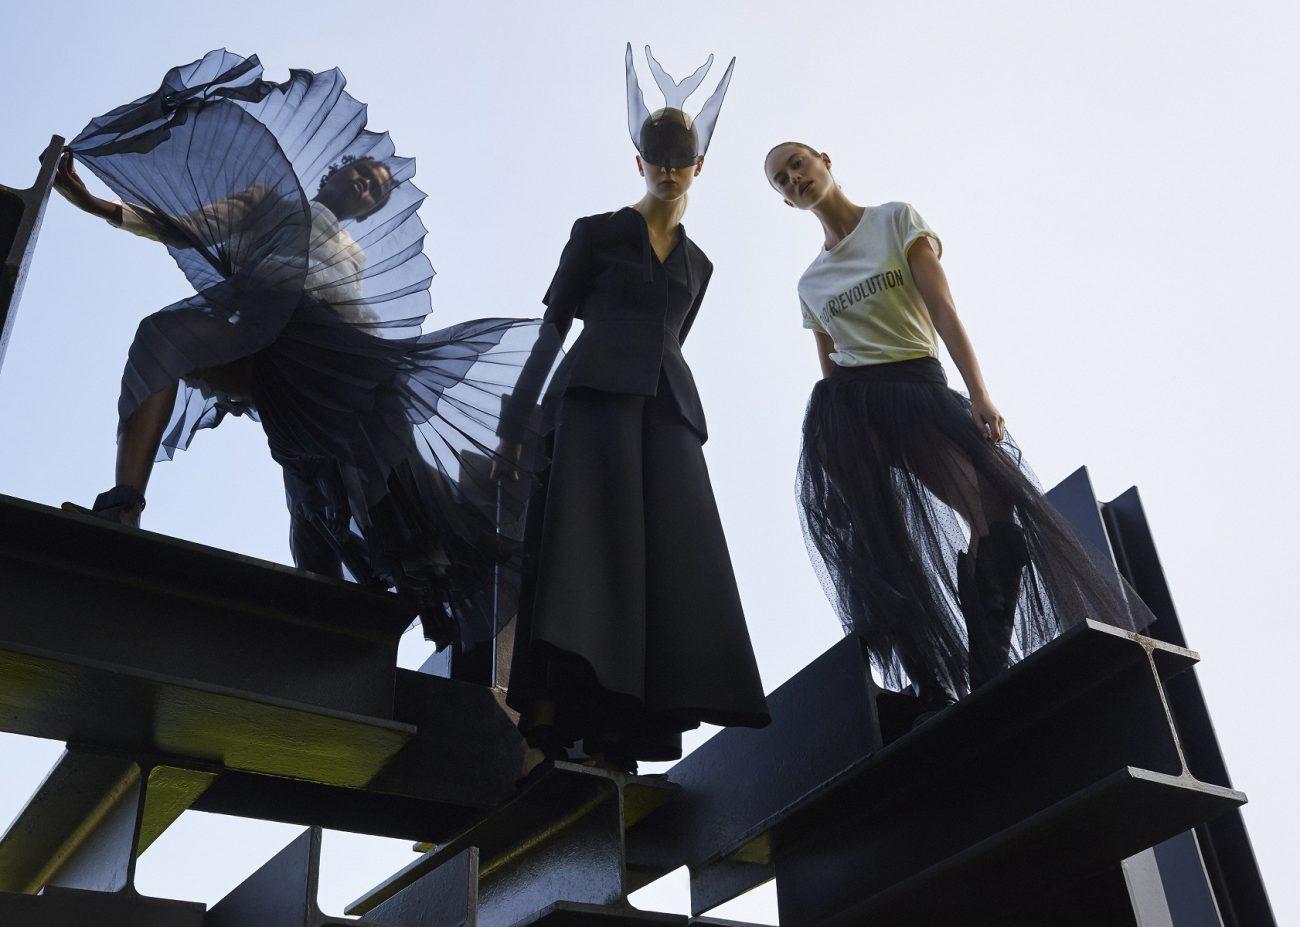 Dior (Maria Grazia Chiuri), voorjaar-zomer 2017 ready-to-wear en voorjaar-zomer 2017 haute couture - foto Petrovsky & Ramone.